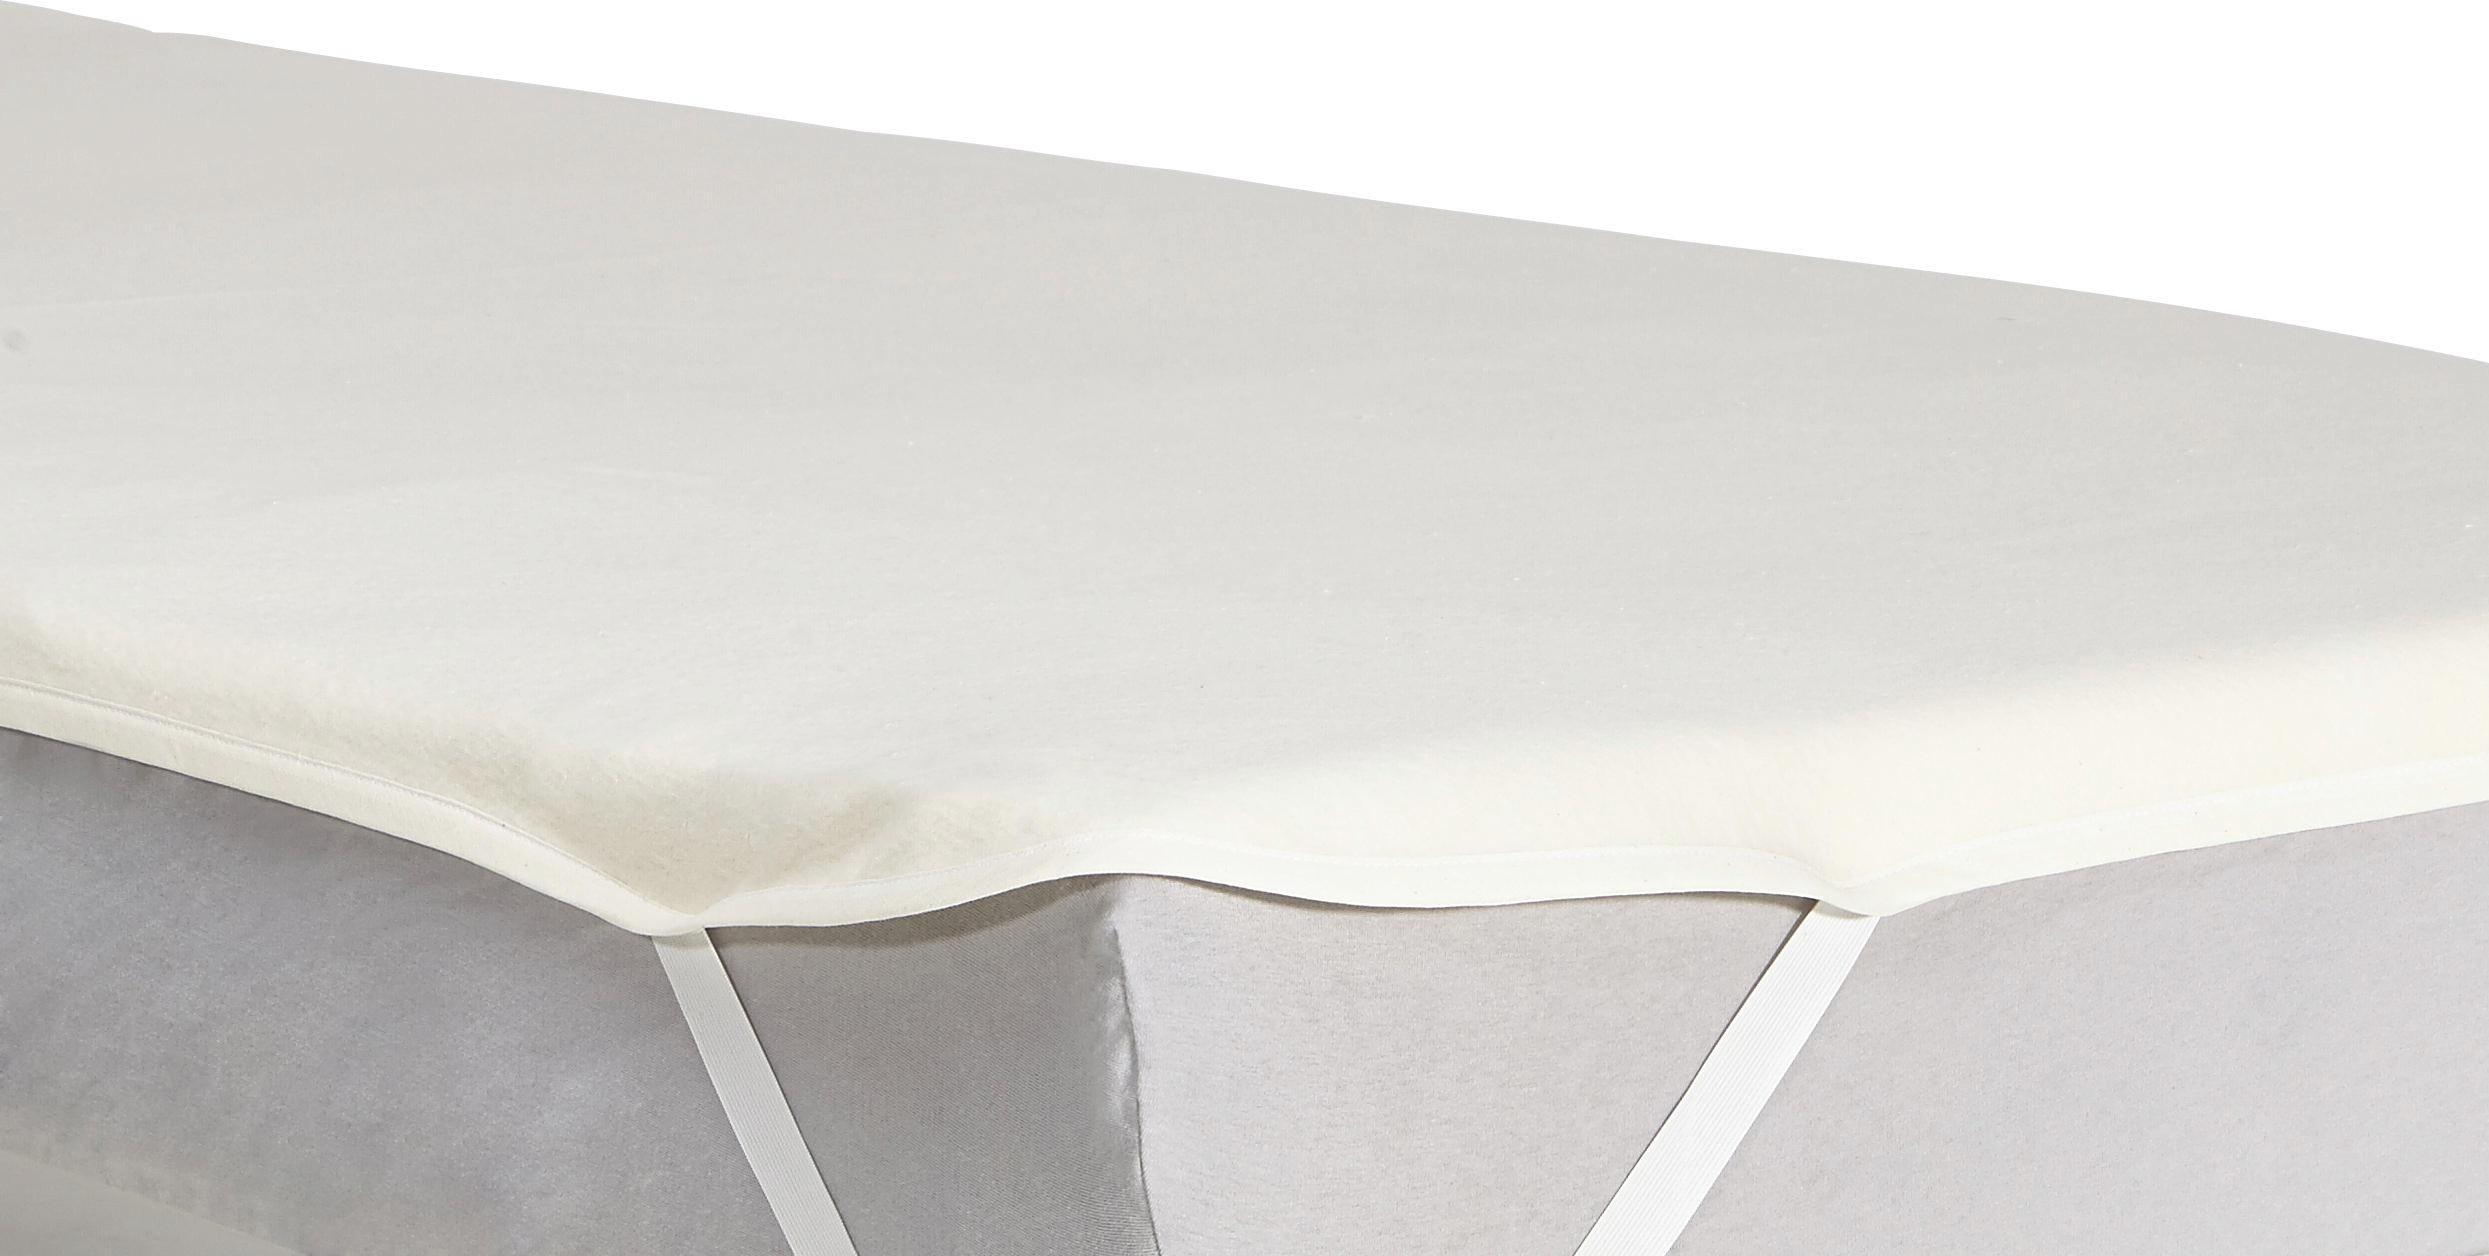 MATRATZENSCHONER  120/200 cm - Weiß, Textil (120/200cm) - SLEEPTEX